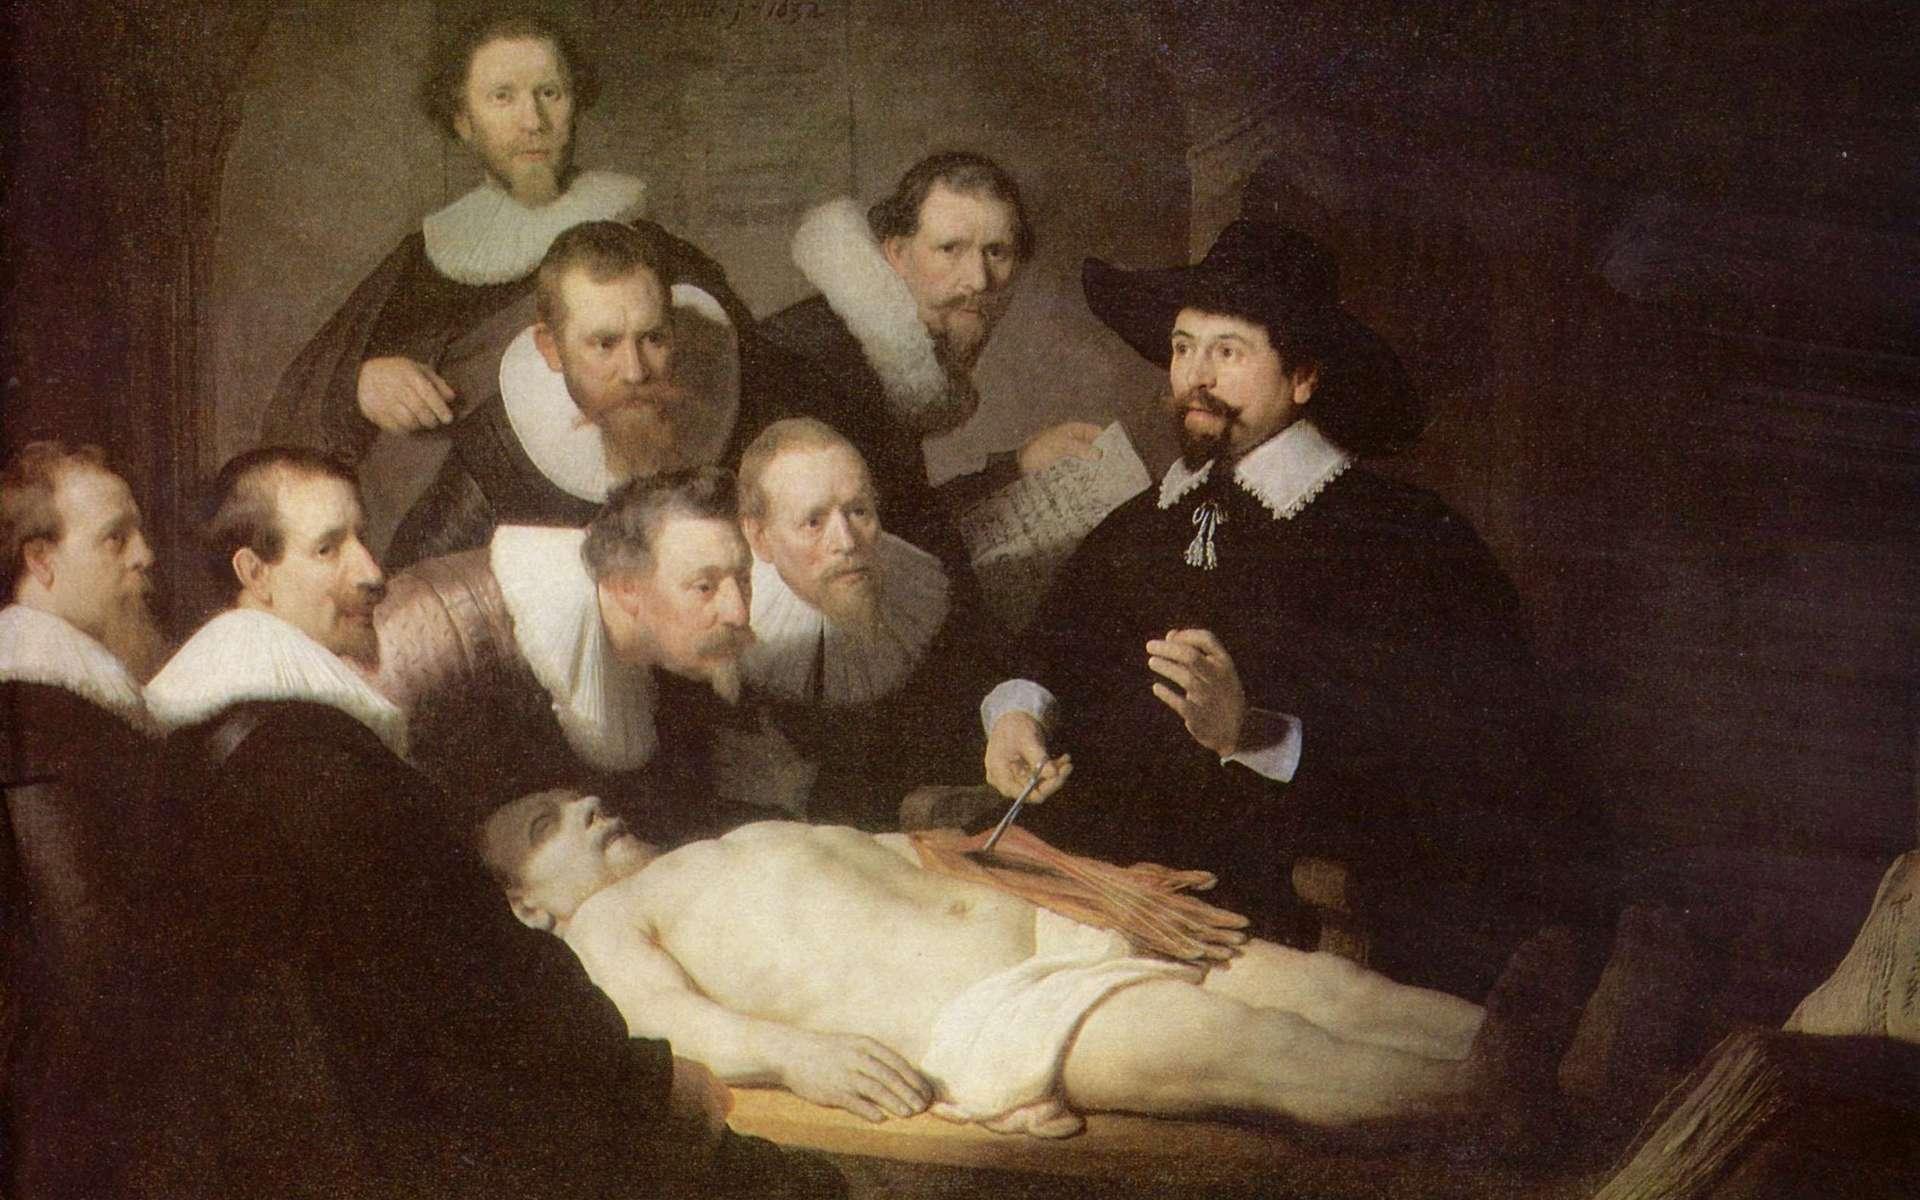 « La leçon d'anatomie du docteur Tulp », par Rembrandt en 1632. Mauritshuis, La Haye, Pays-Bas. © Wikimedia Commons, domaine public